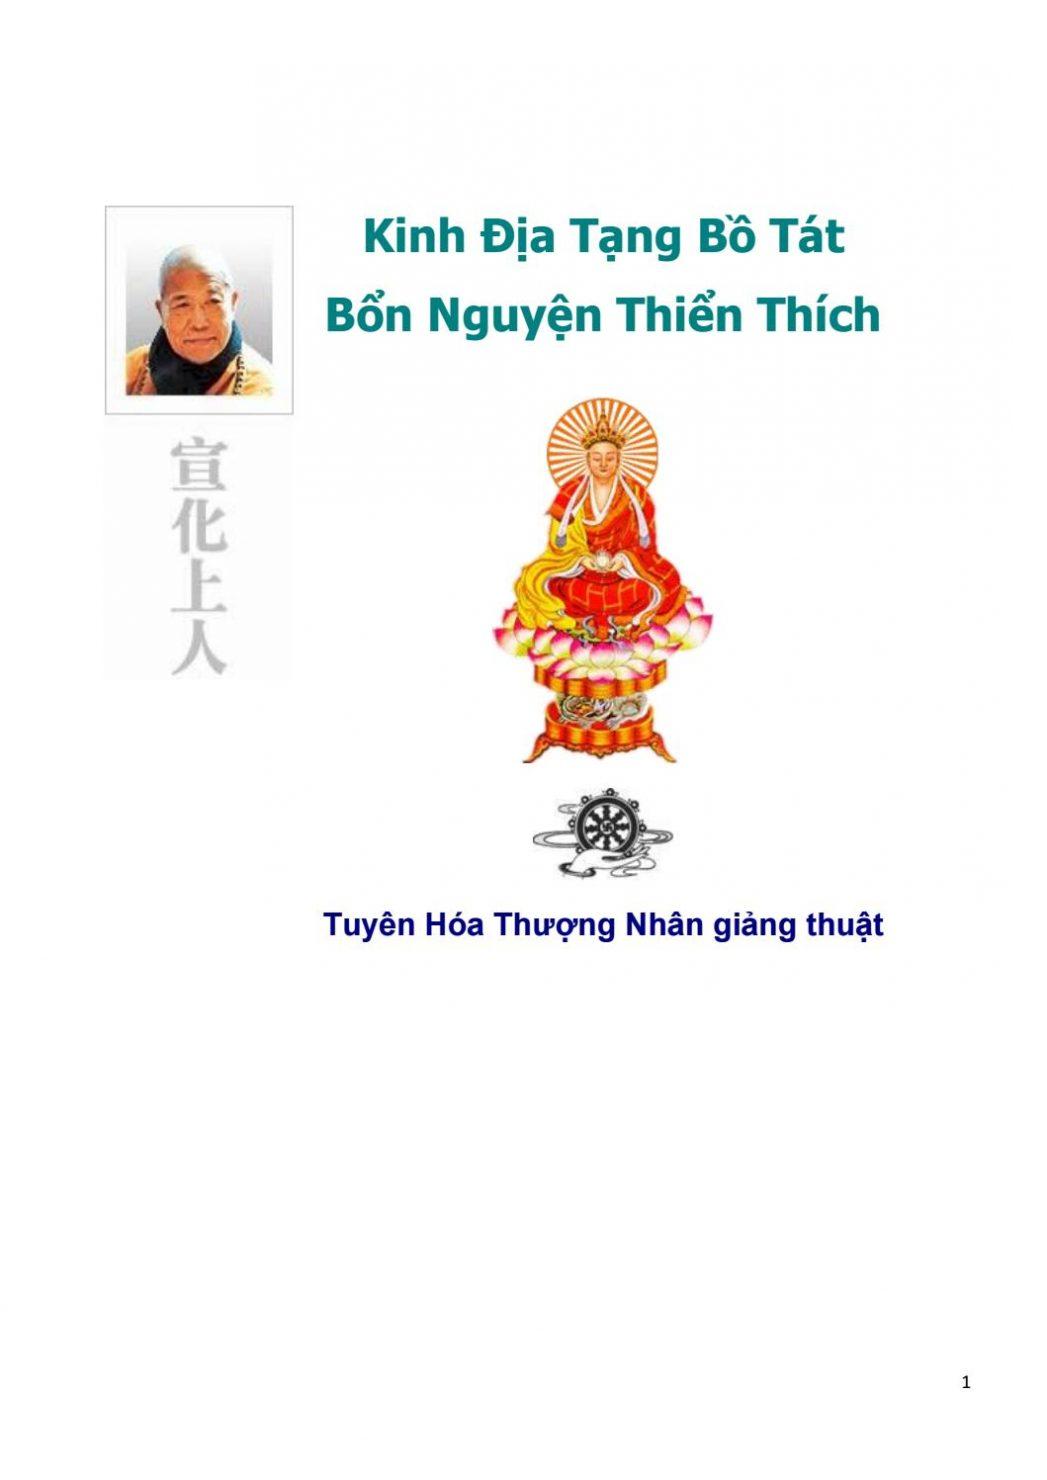 Kinh Ðịa Tạng Bồ Tát Bổn Nguyện Thiển Thích